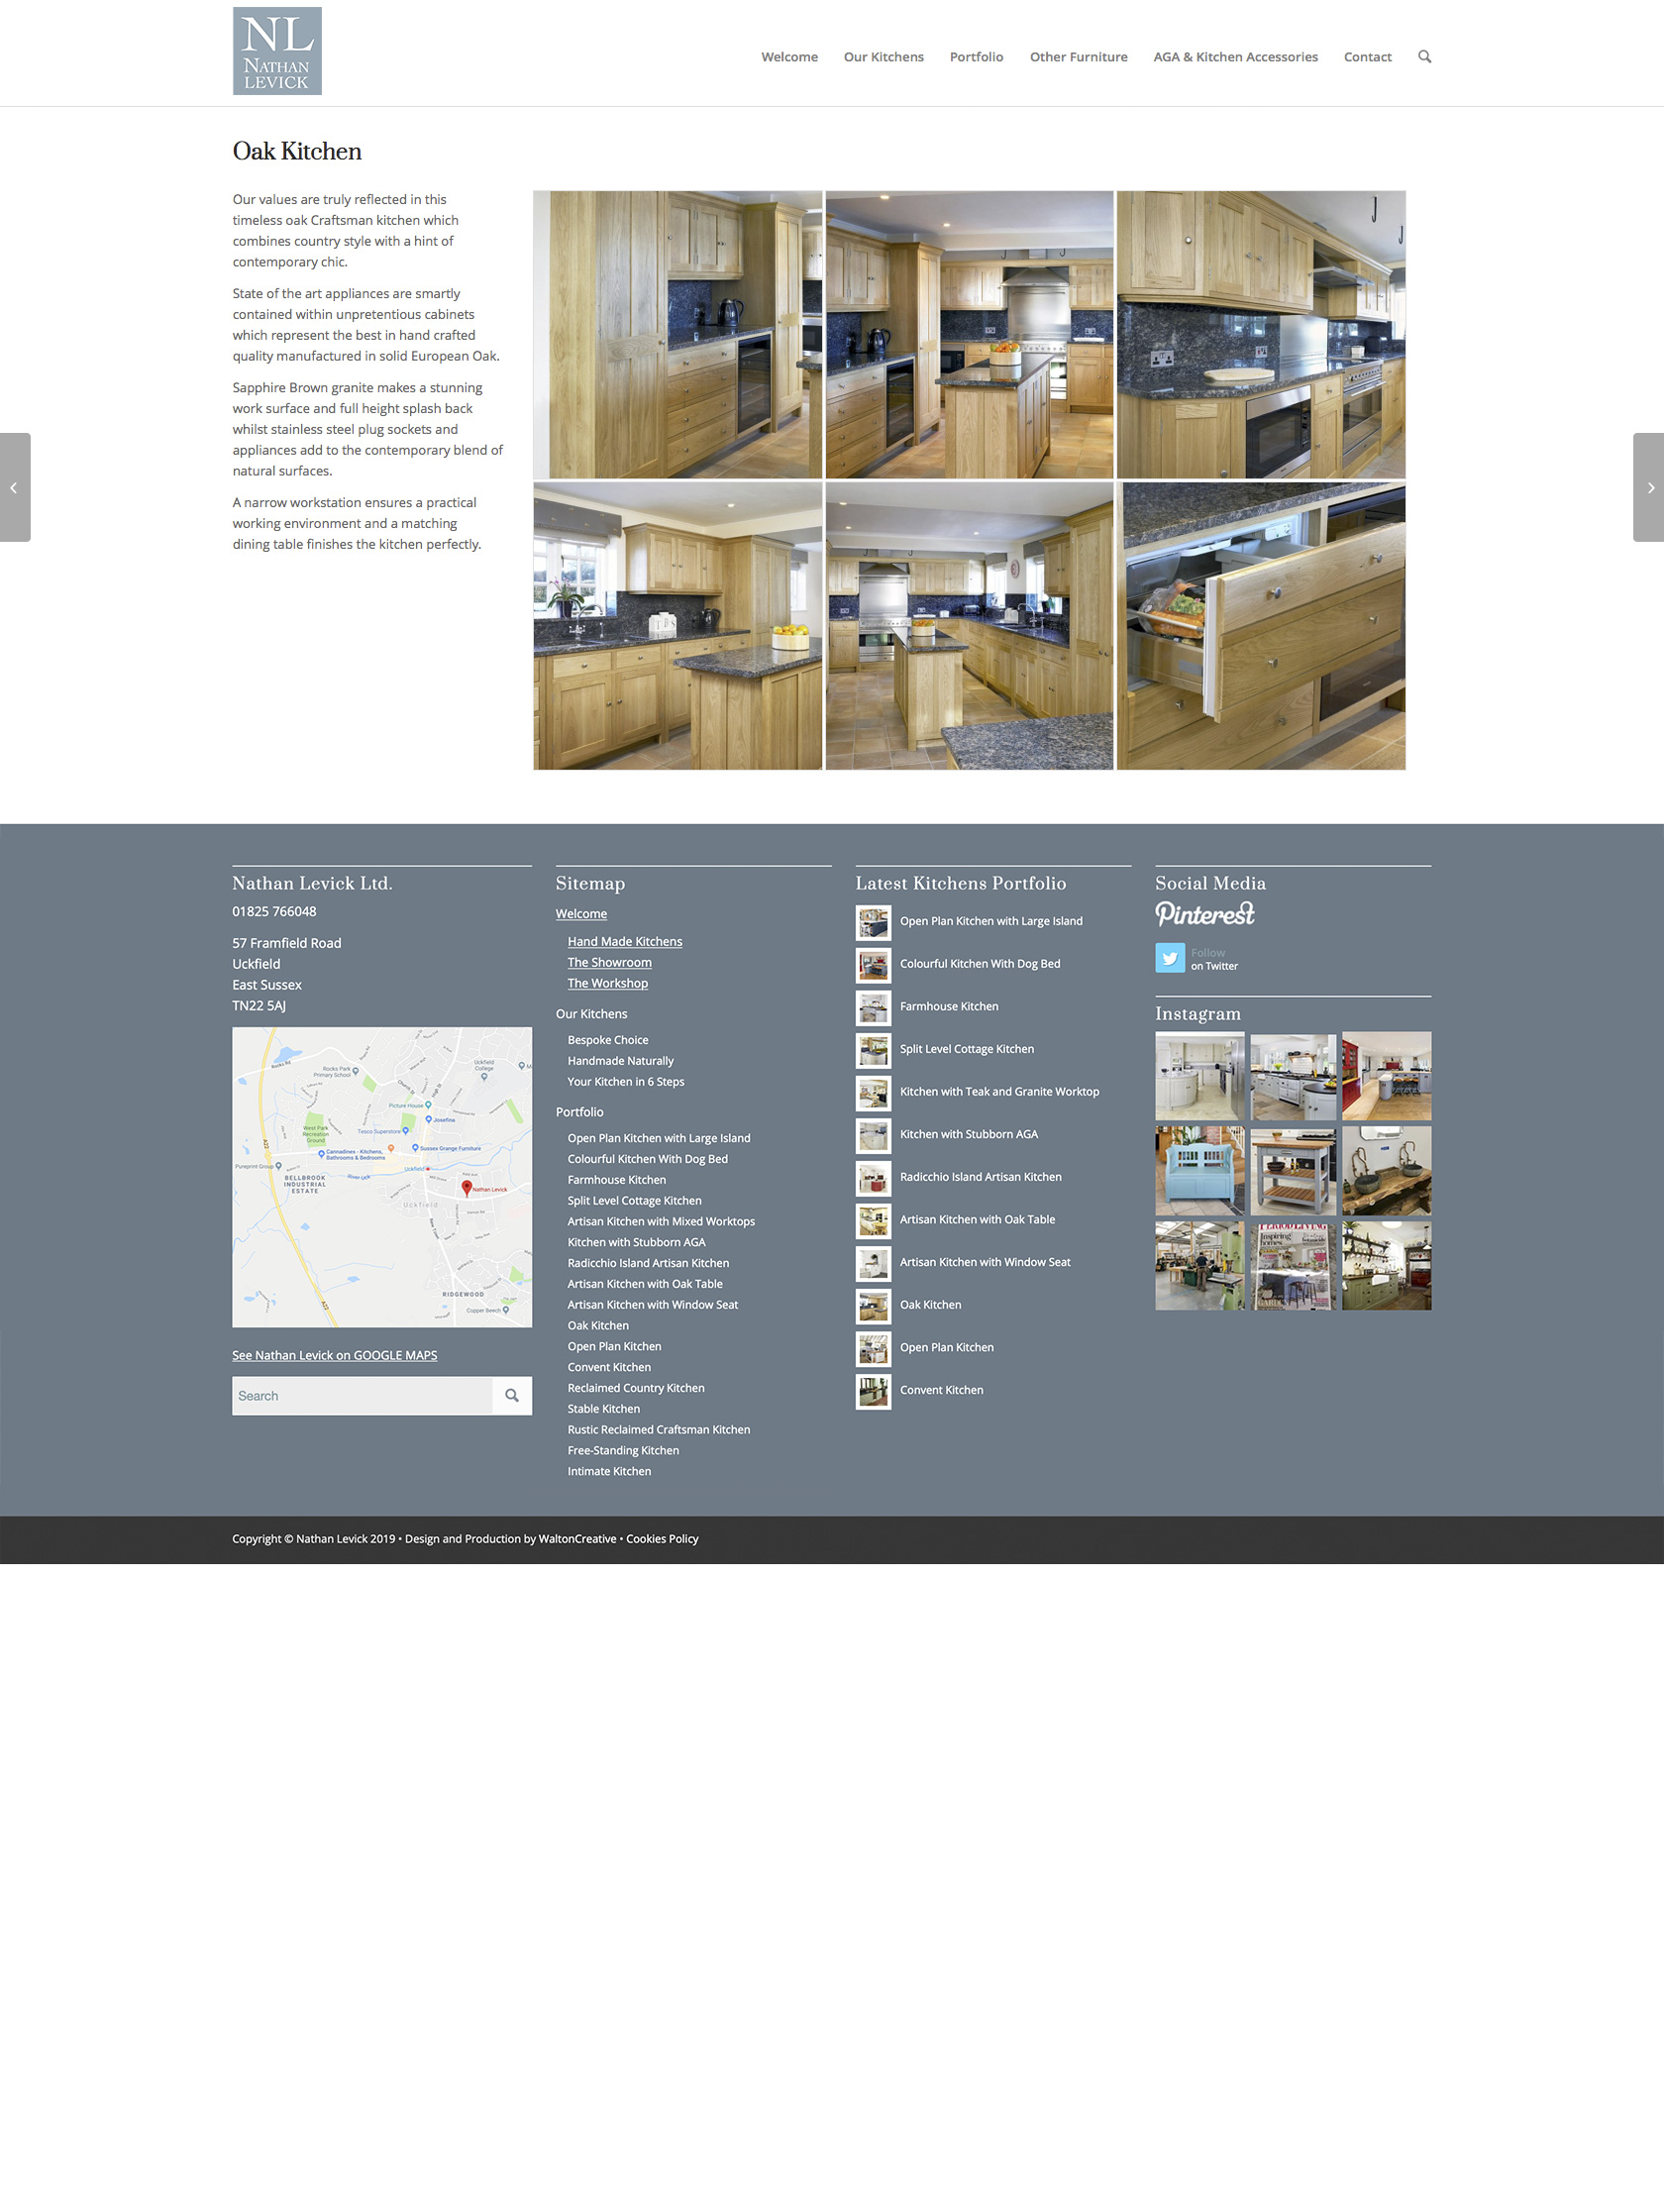 Nathan Levick Website Design